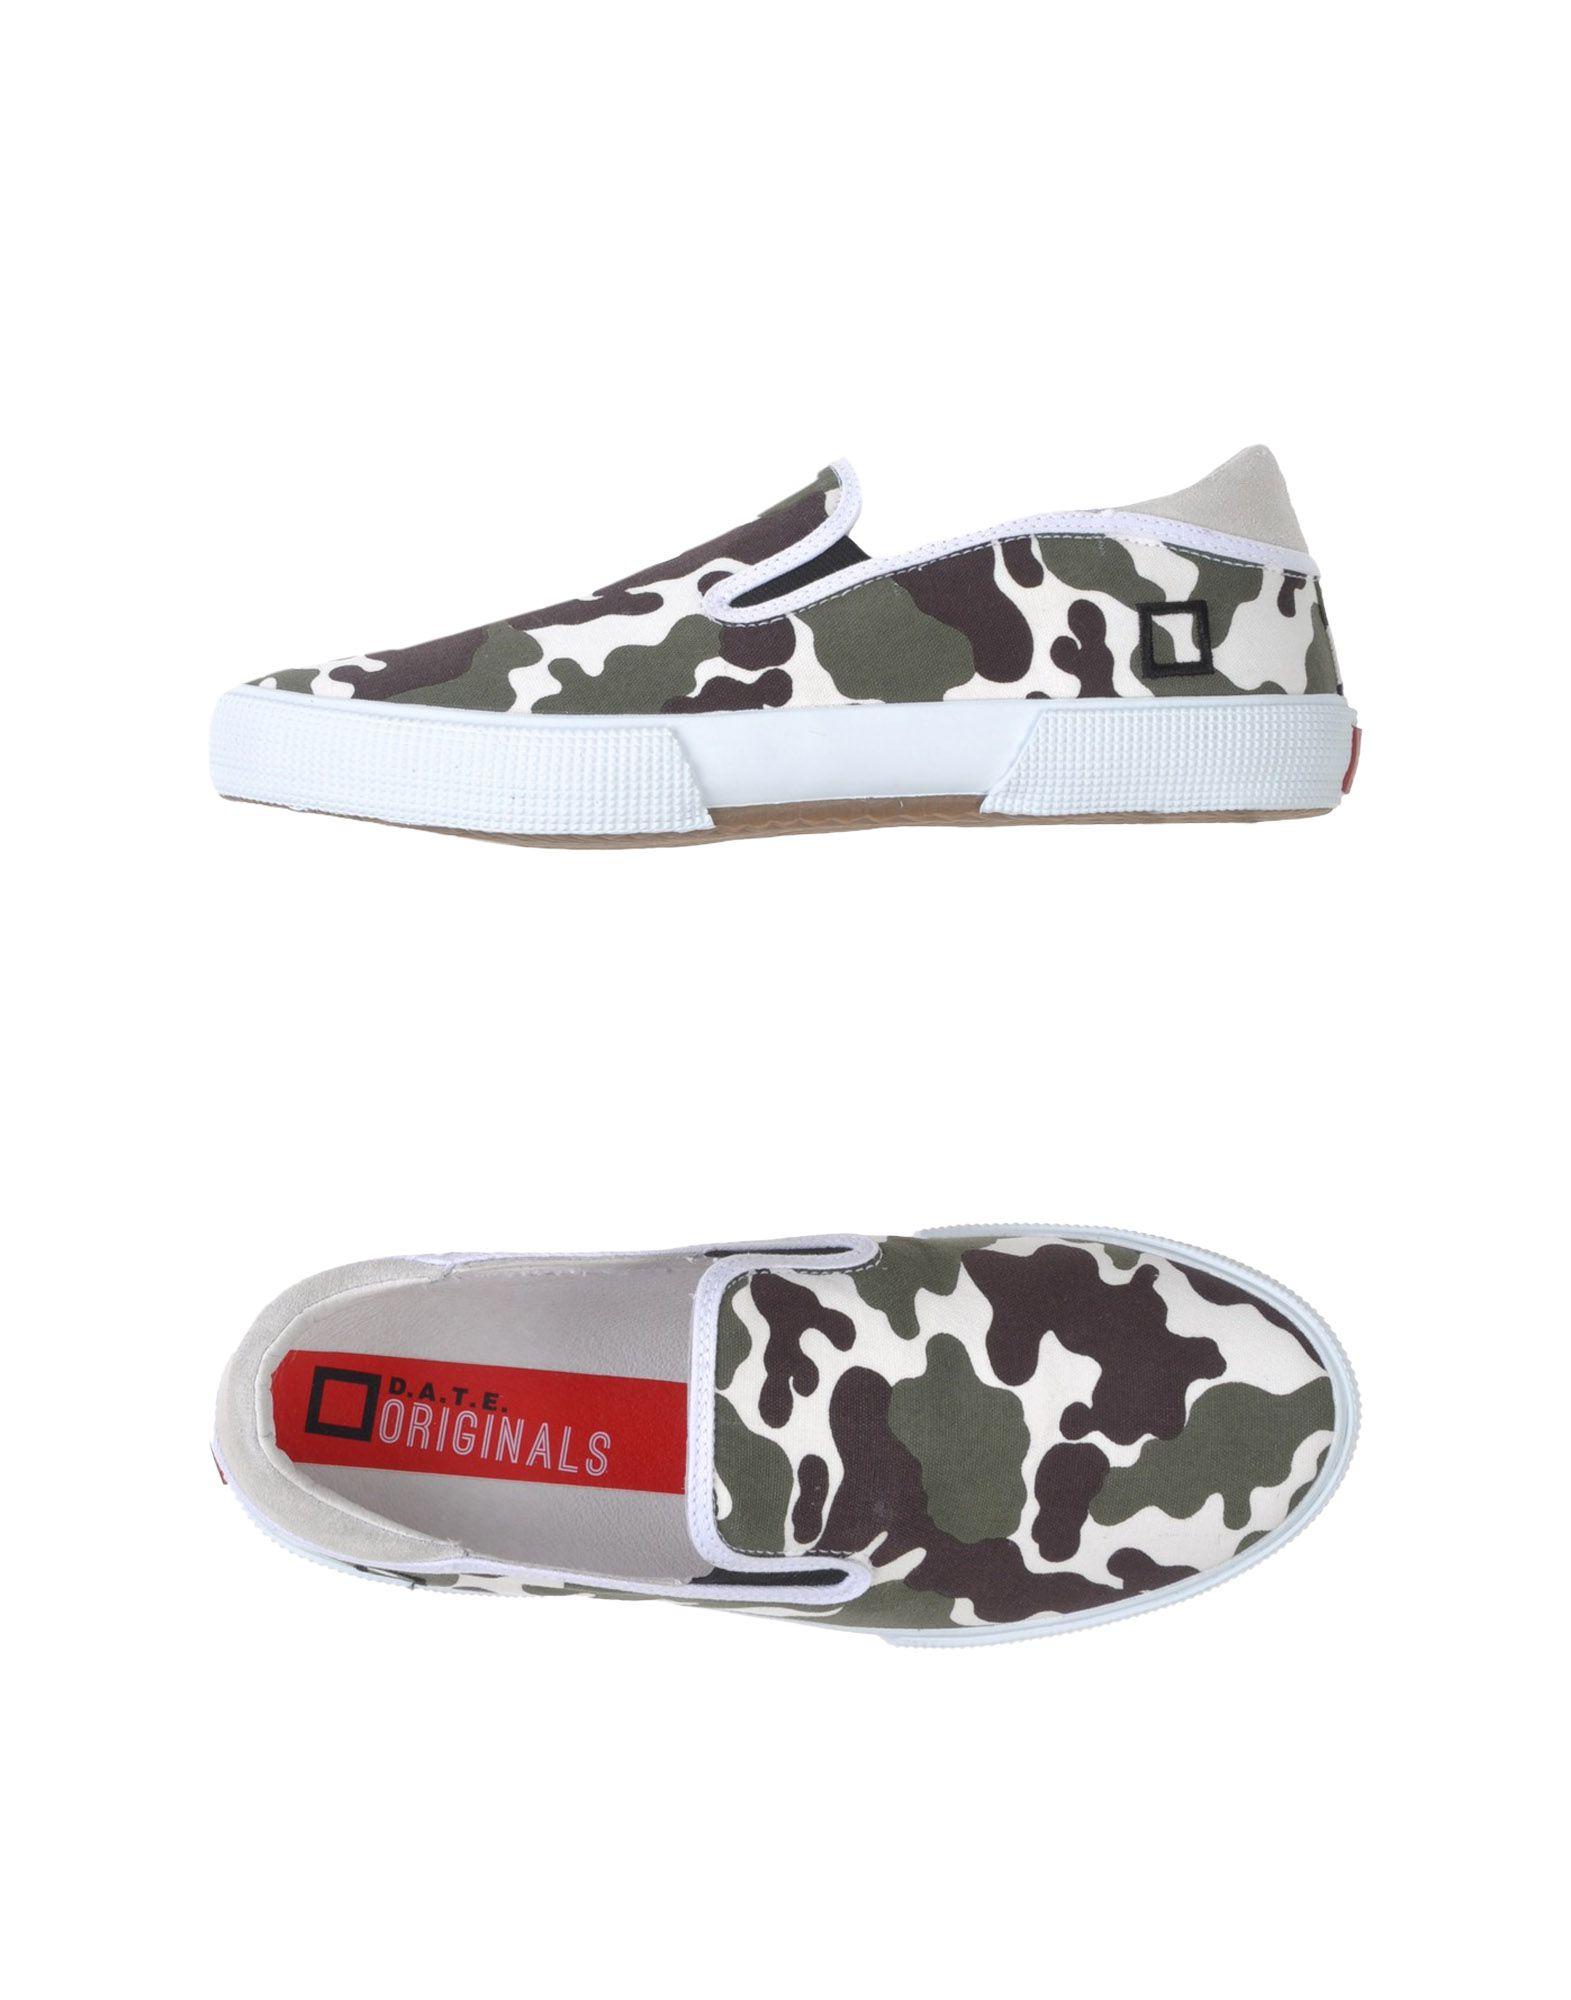 Rabatt echte Sneakers Schuhe D.A.T.E. Originals Sneakers echte Herren  44752633IG 739675